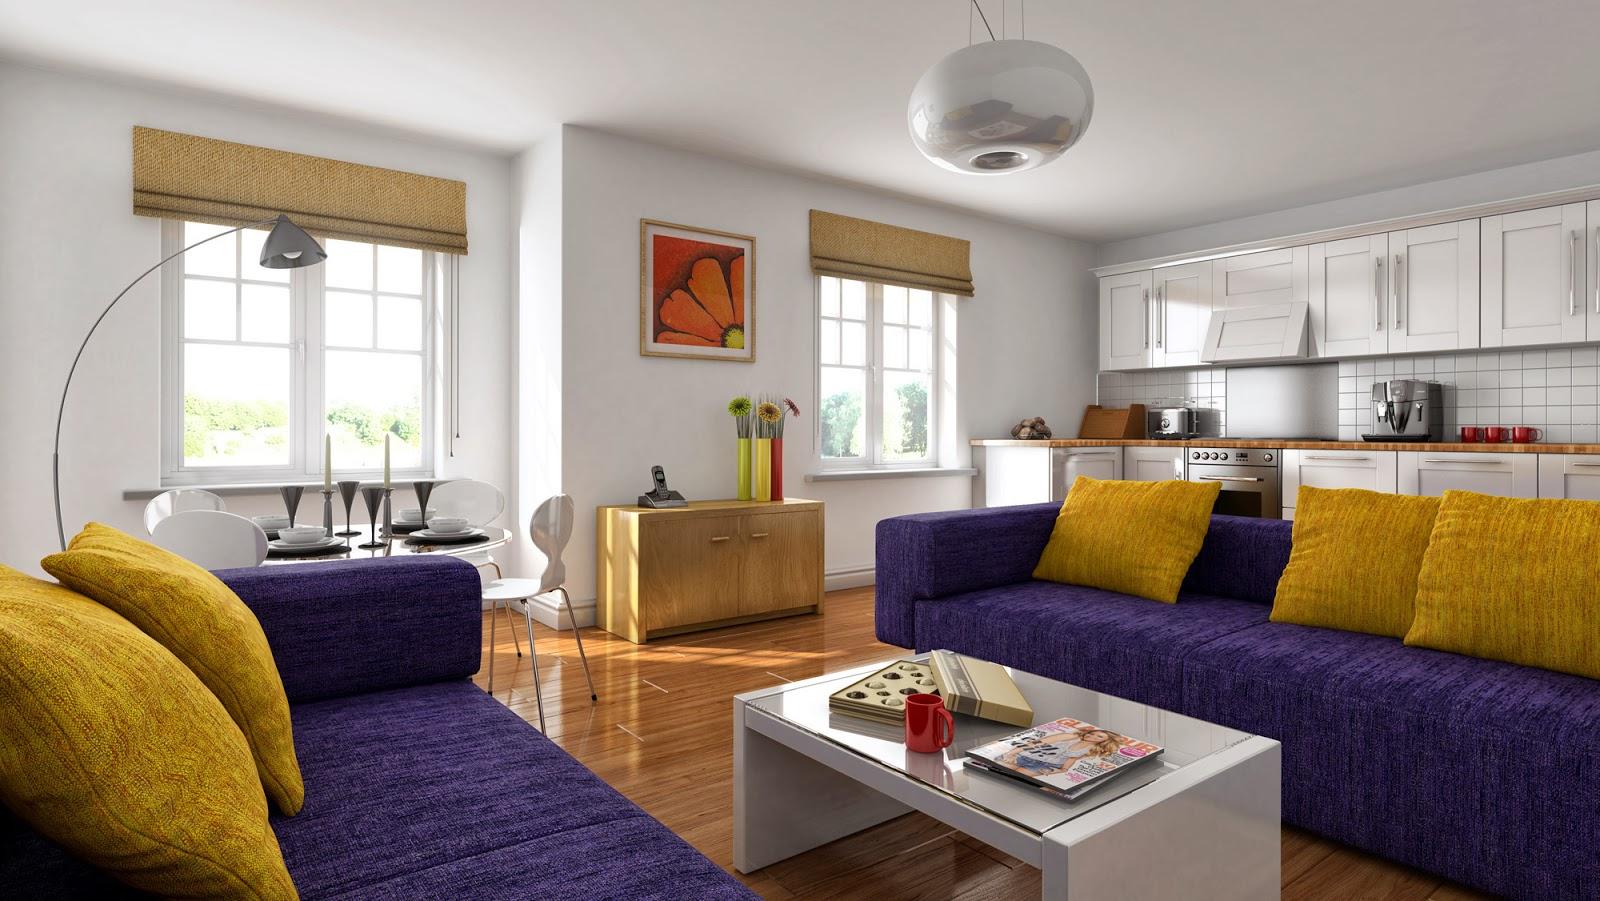 21 koleksi gambar design interior rumah minimalis 2014 berita unik dan aneh dunia - Gambar interior design ...